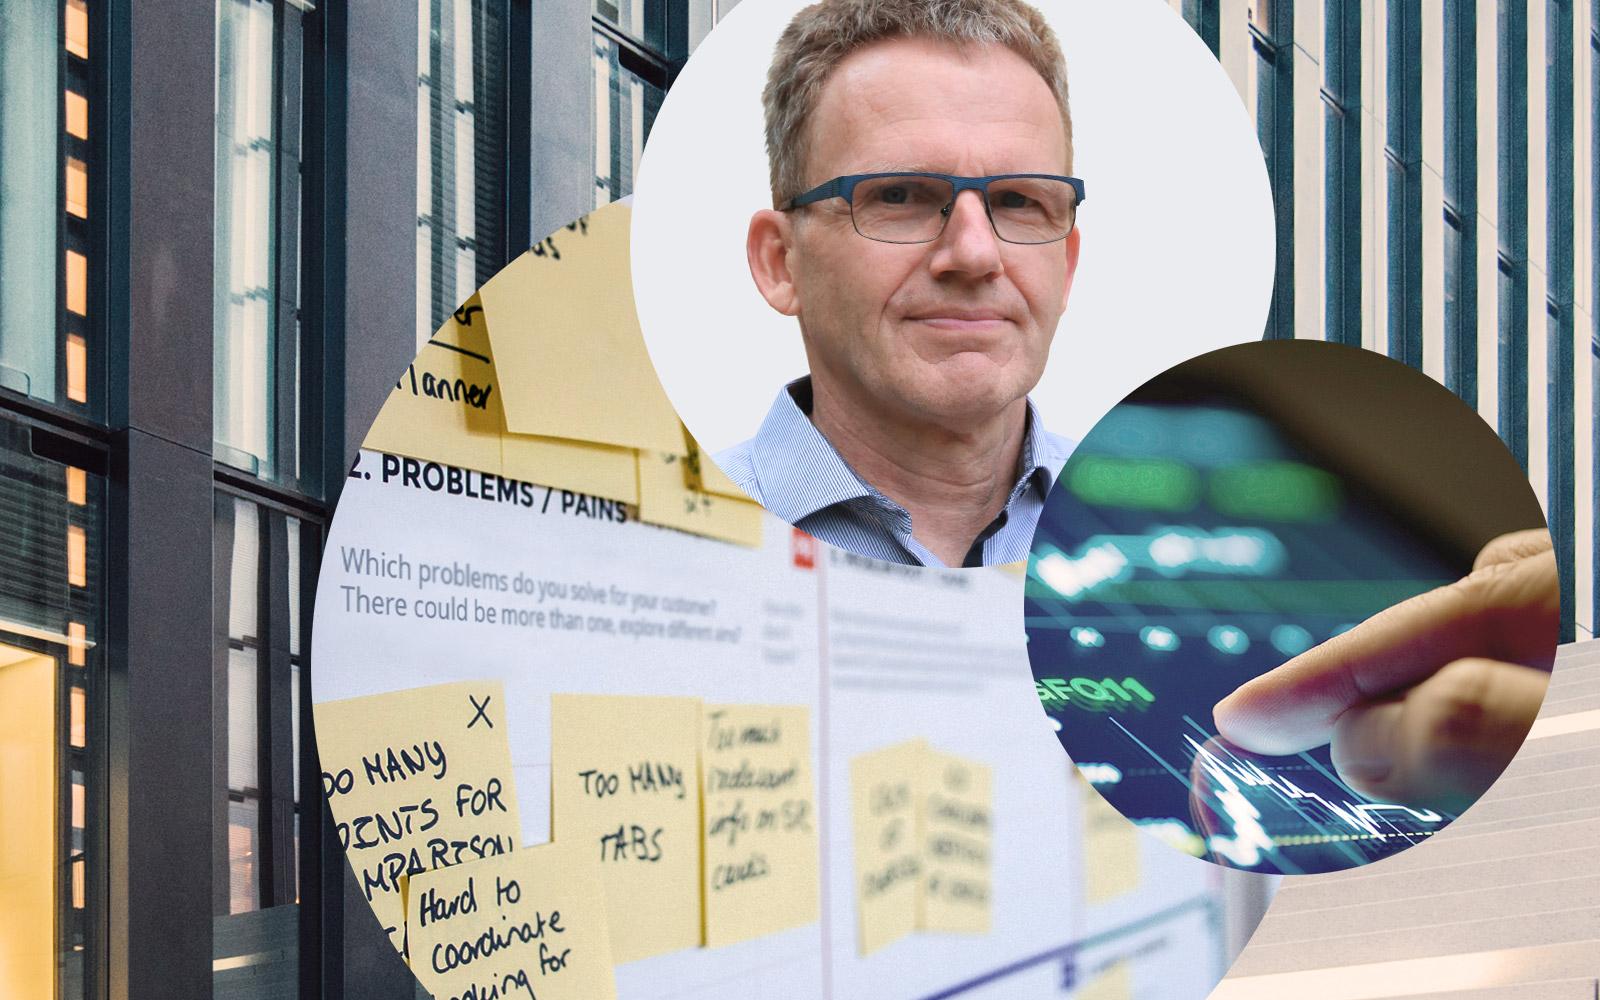 Foto von Dirk Vesper, Vice President Product Development bei valantic, daneben Bild von einer Grafik und dahinter Bilder von Post It's und von einem Gebäude